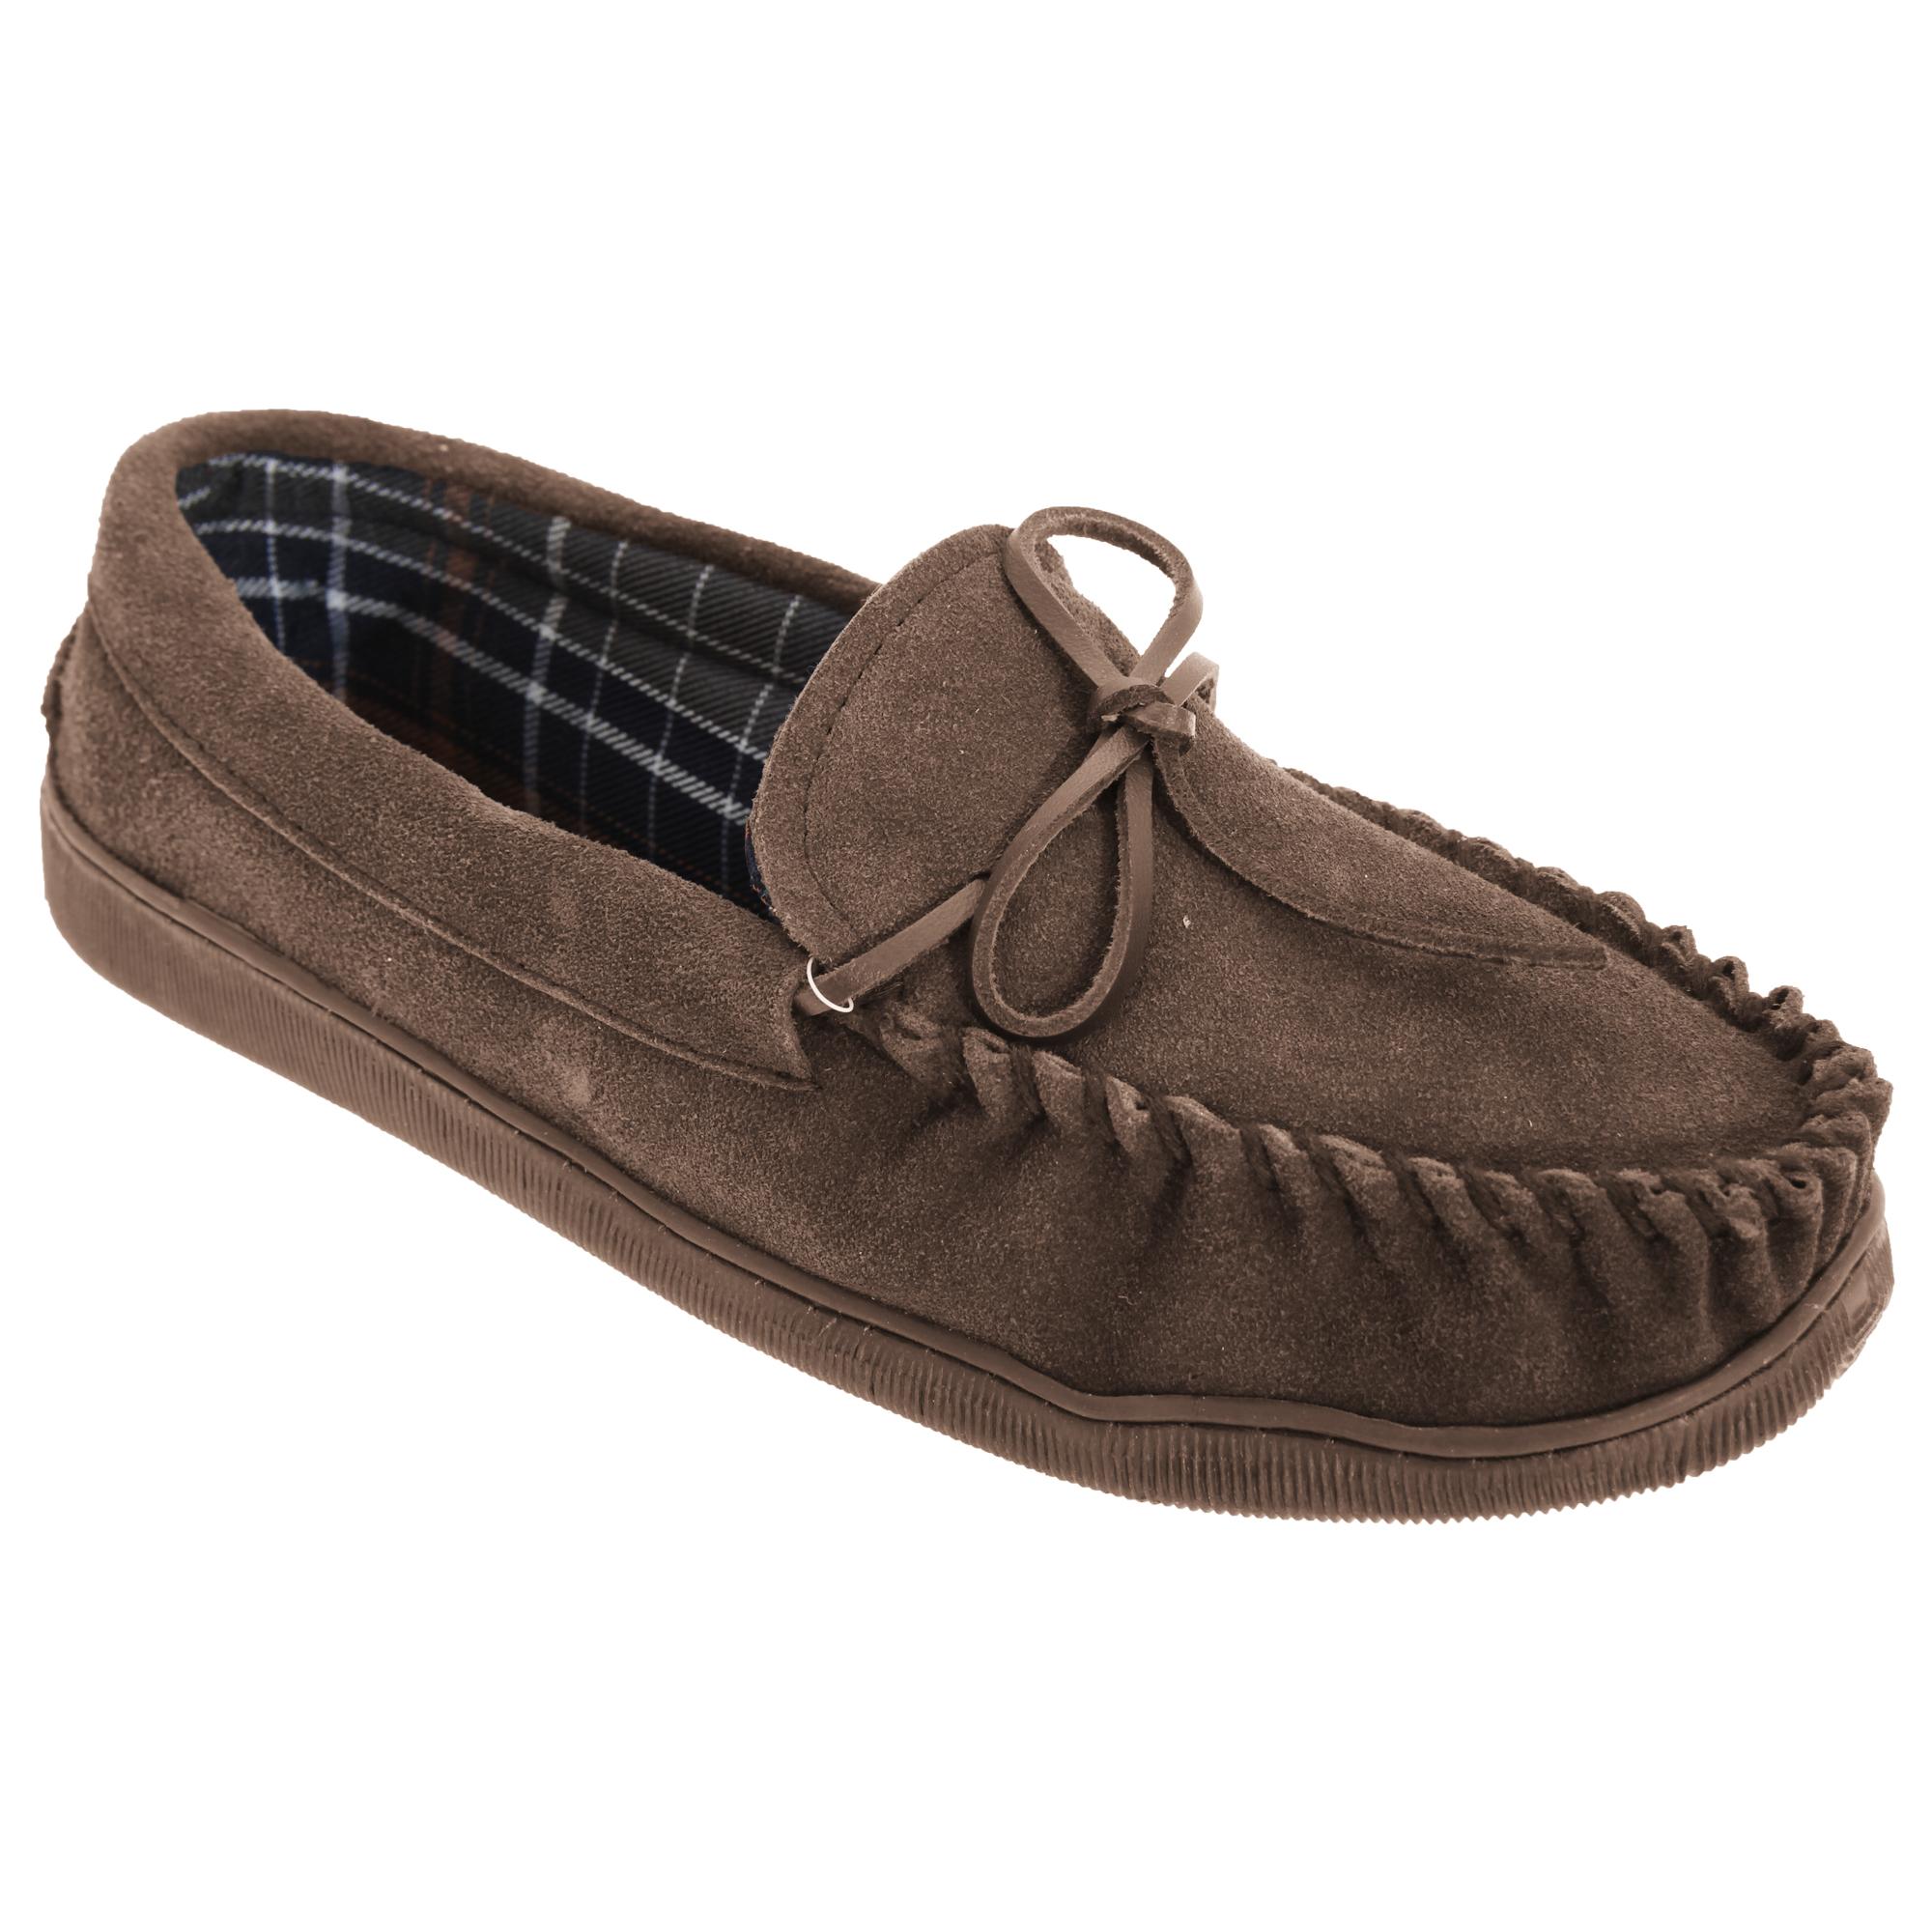 Sleepers-Zapatillas-de-estar-por-casa-de-autentico-ante-Modelo-Moccasin-DF836